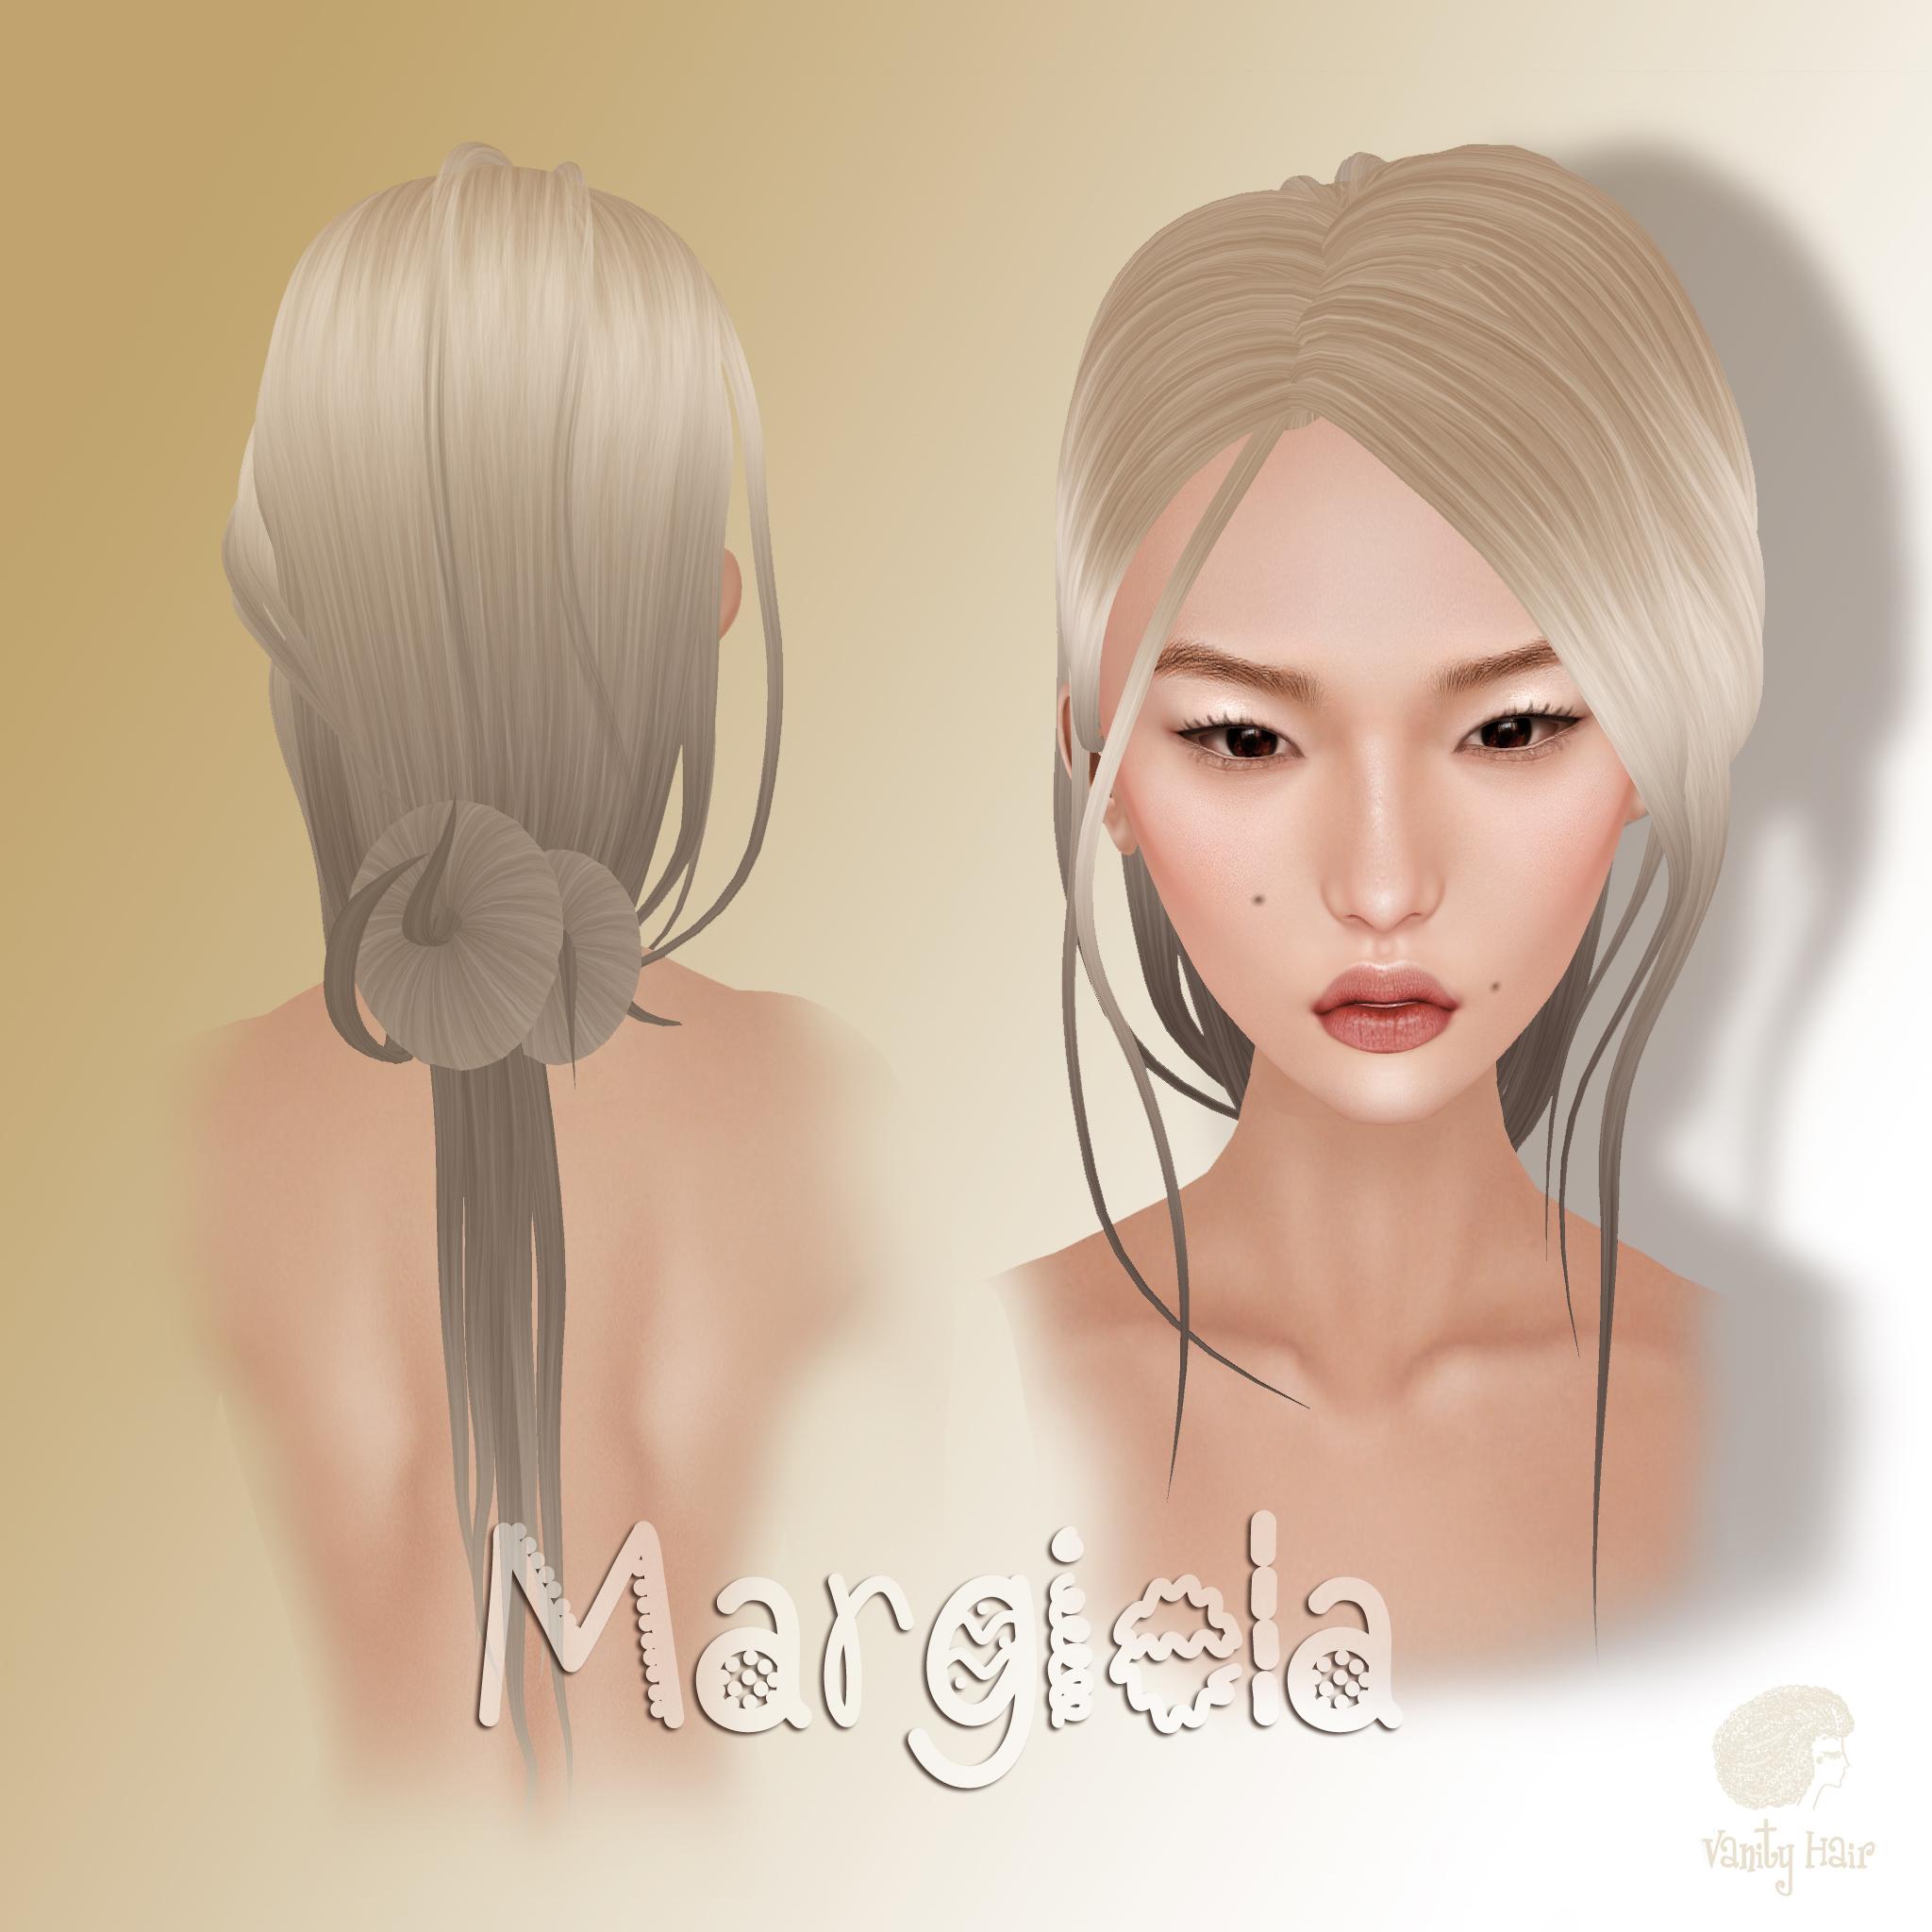 VanityHair@Margiela